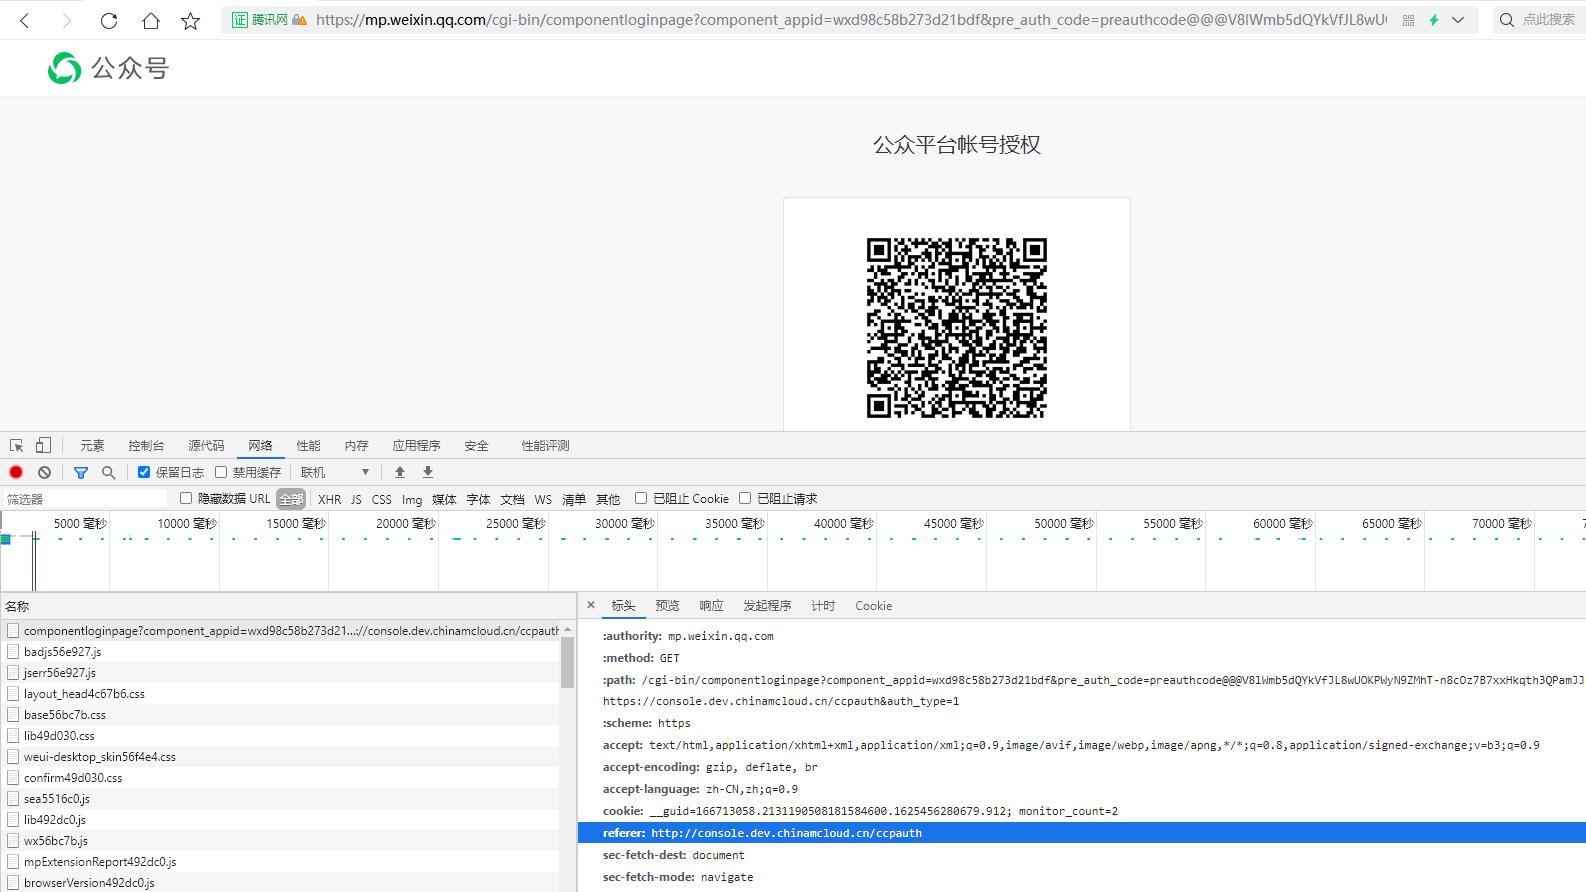 右键:PC端授权链接,在新标签页中打开链接。未报错,正常显示待扫描的二维码,其请求头中包含:referer。